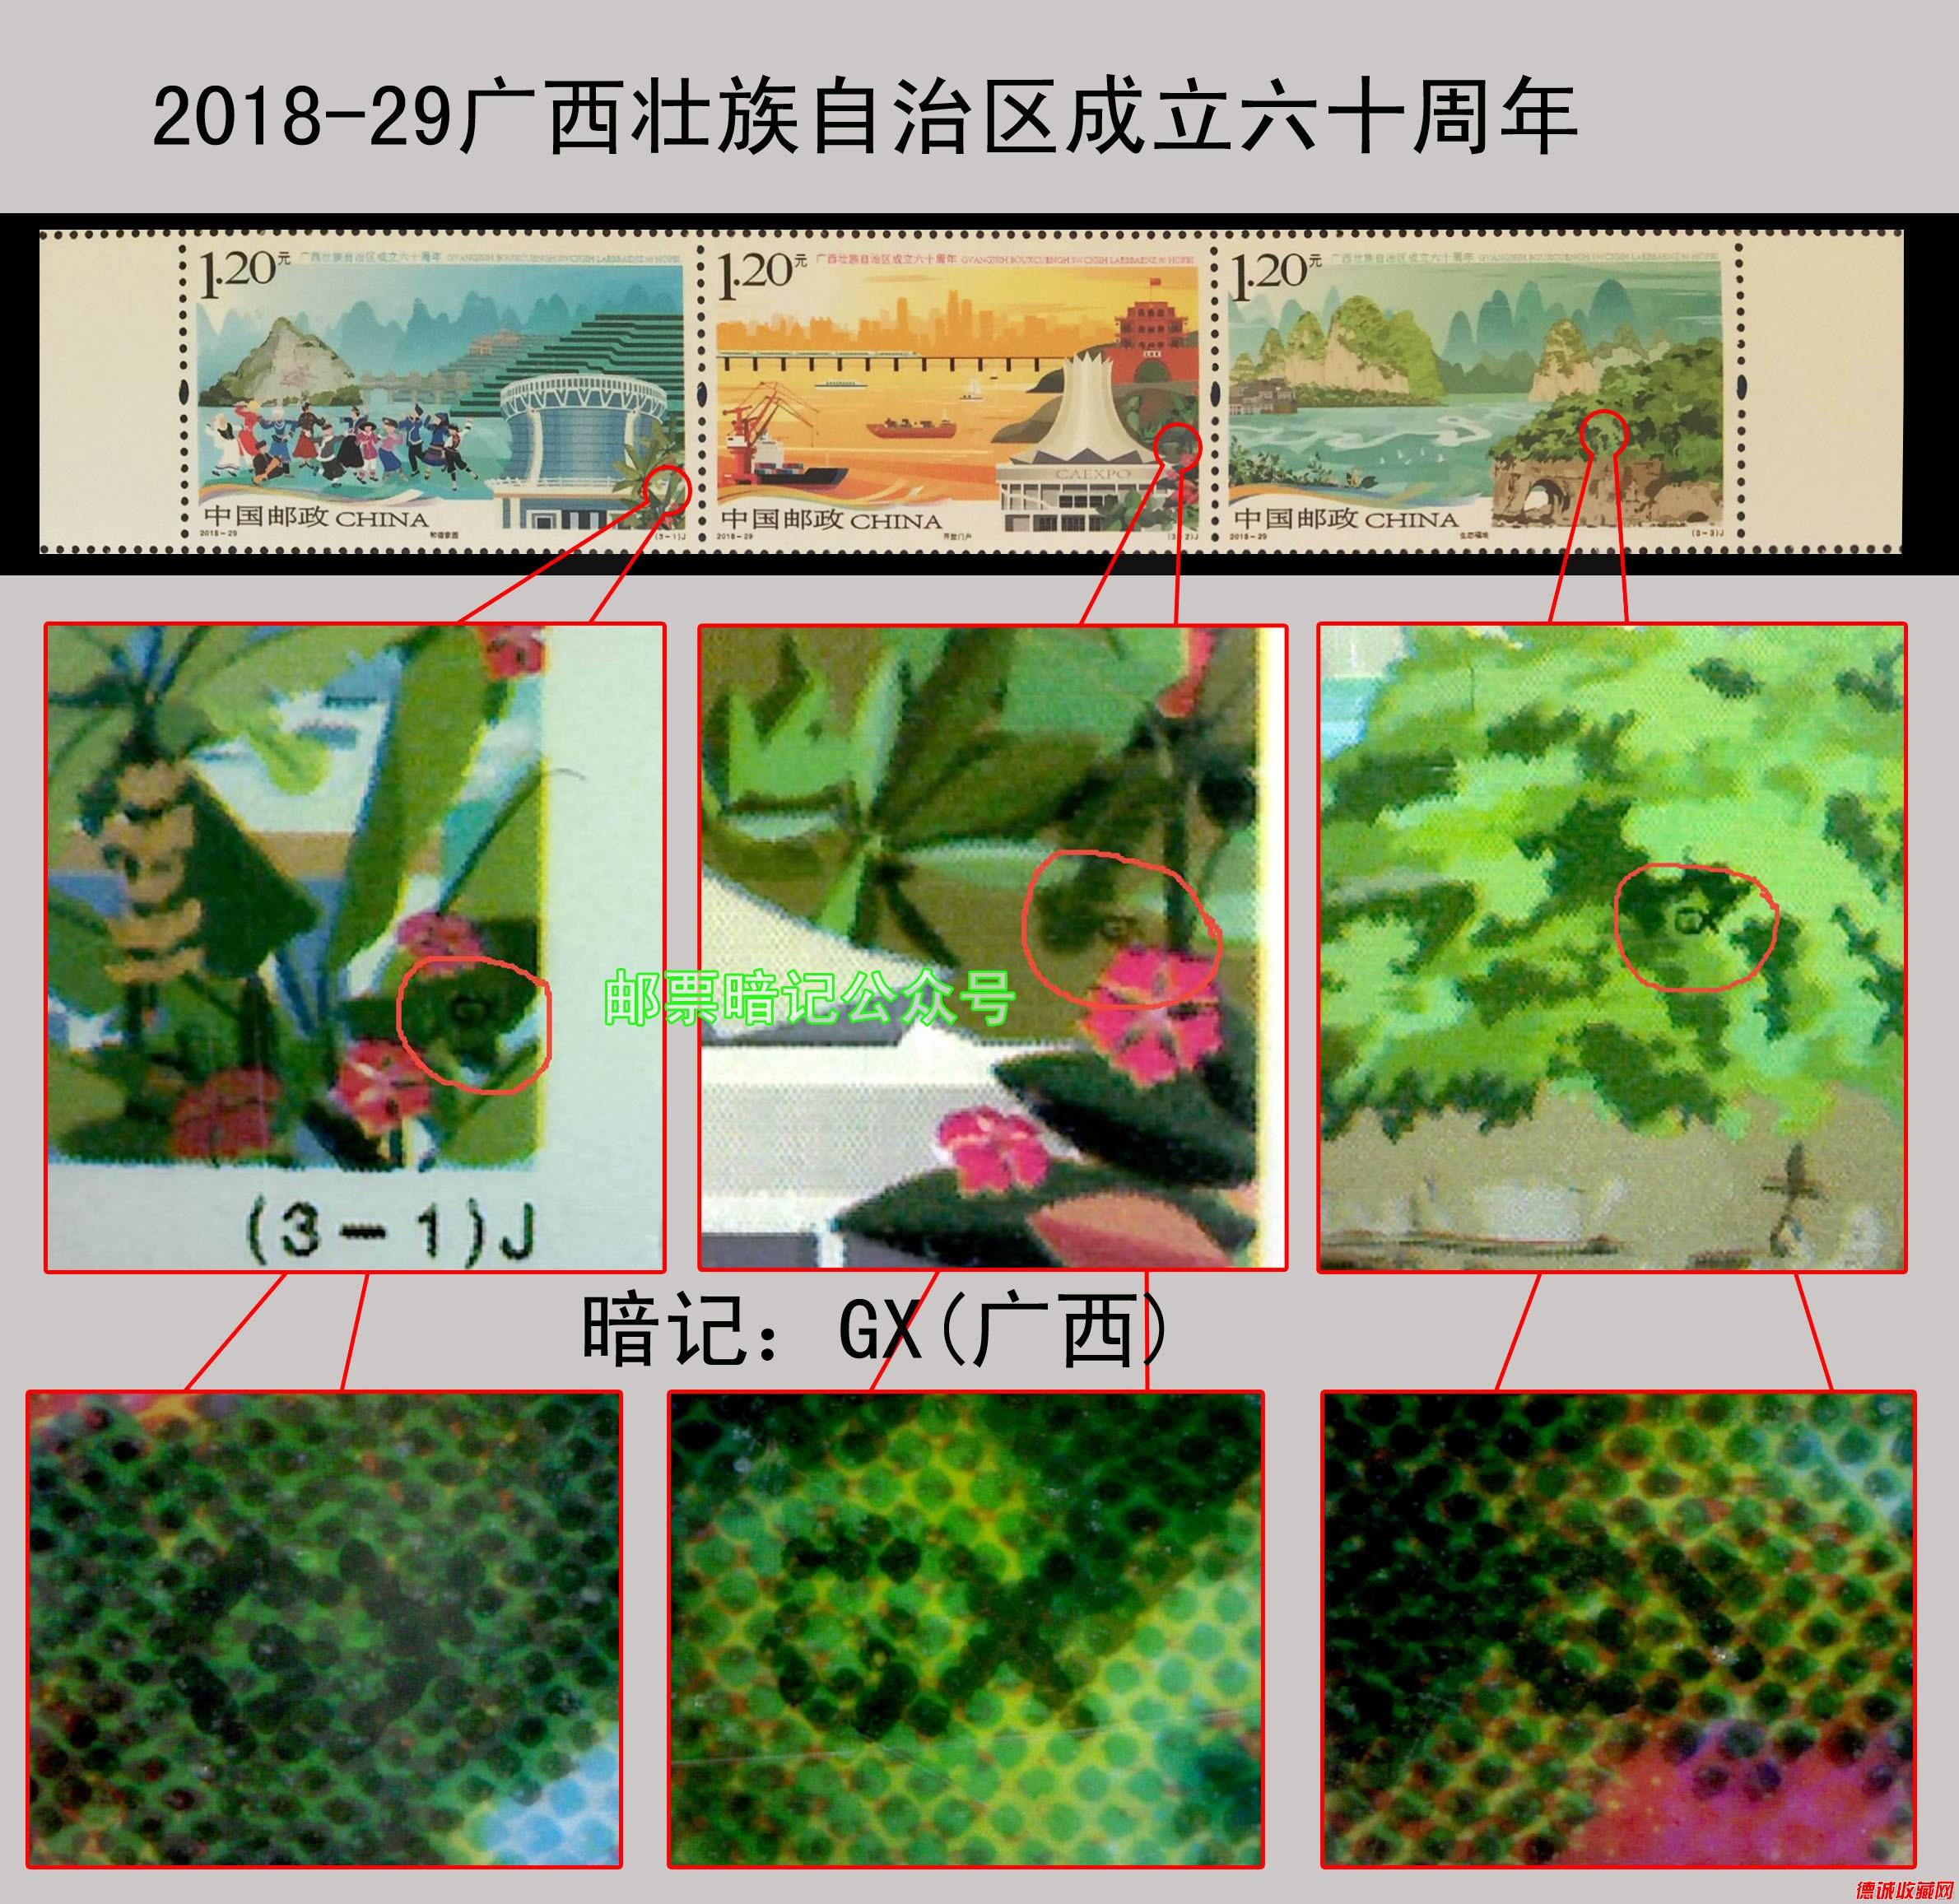 2018-29广西壮族自治区成立六十周年.jpg